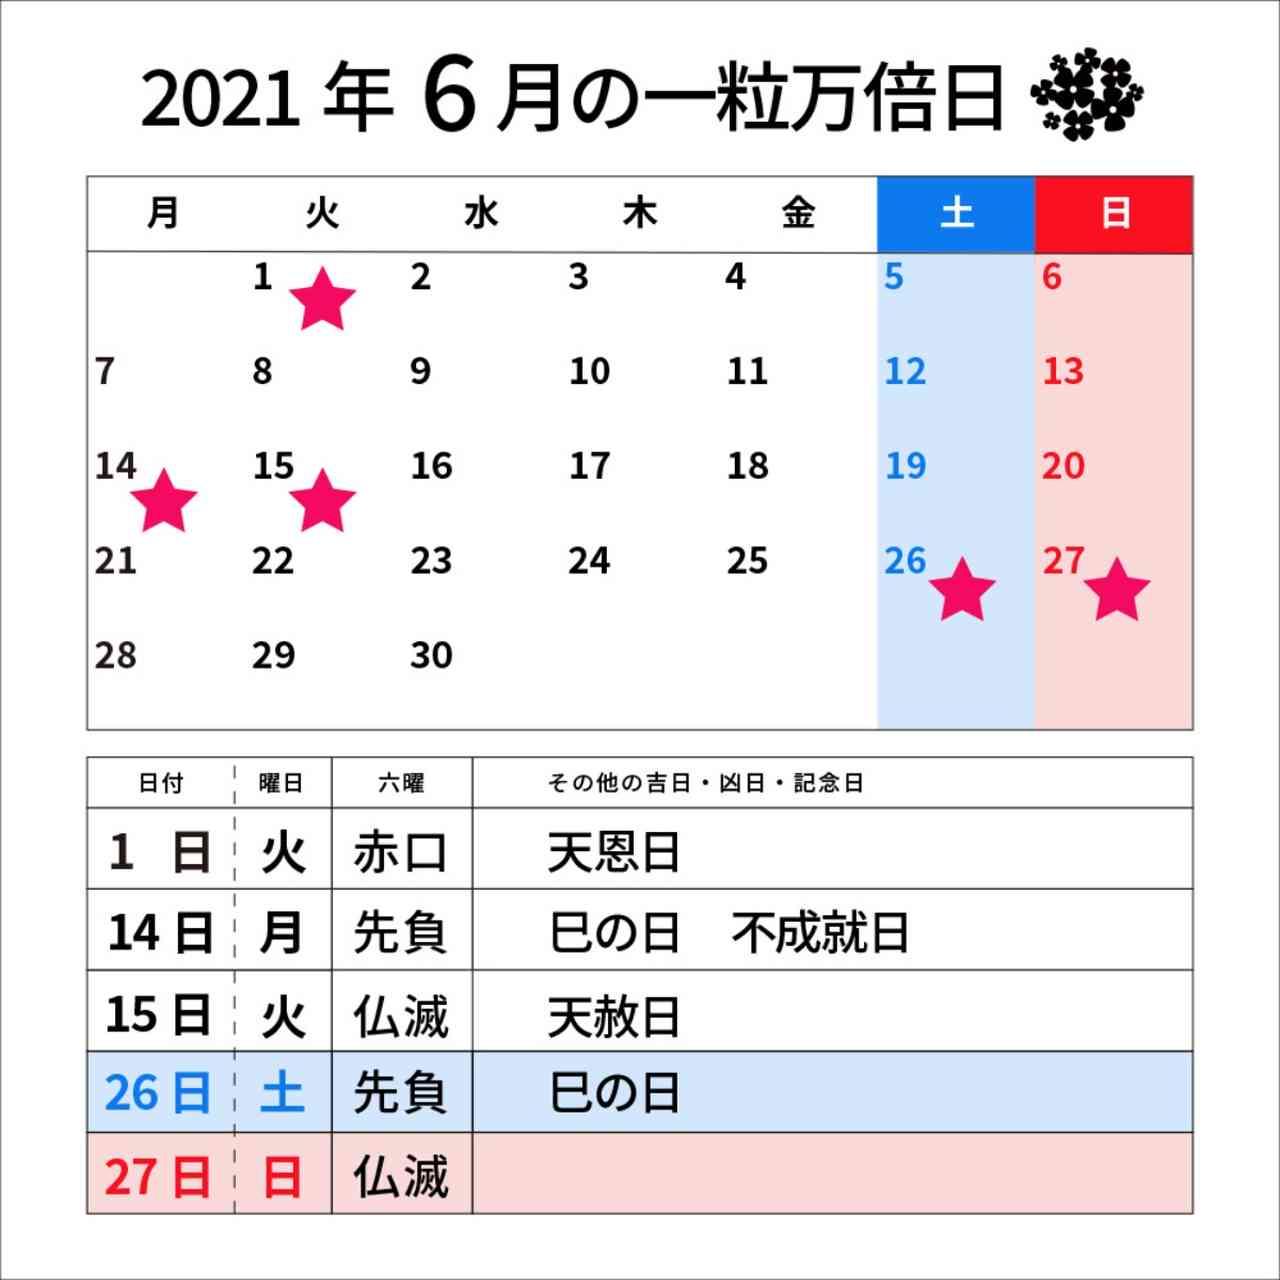 2021 年 大安 カレンダー